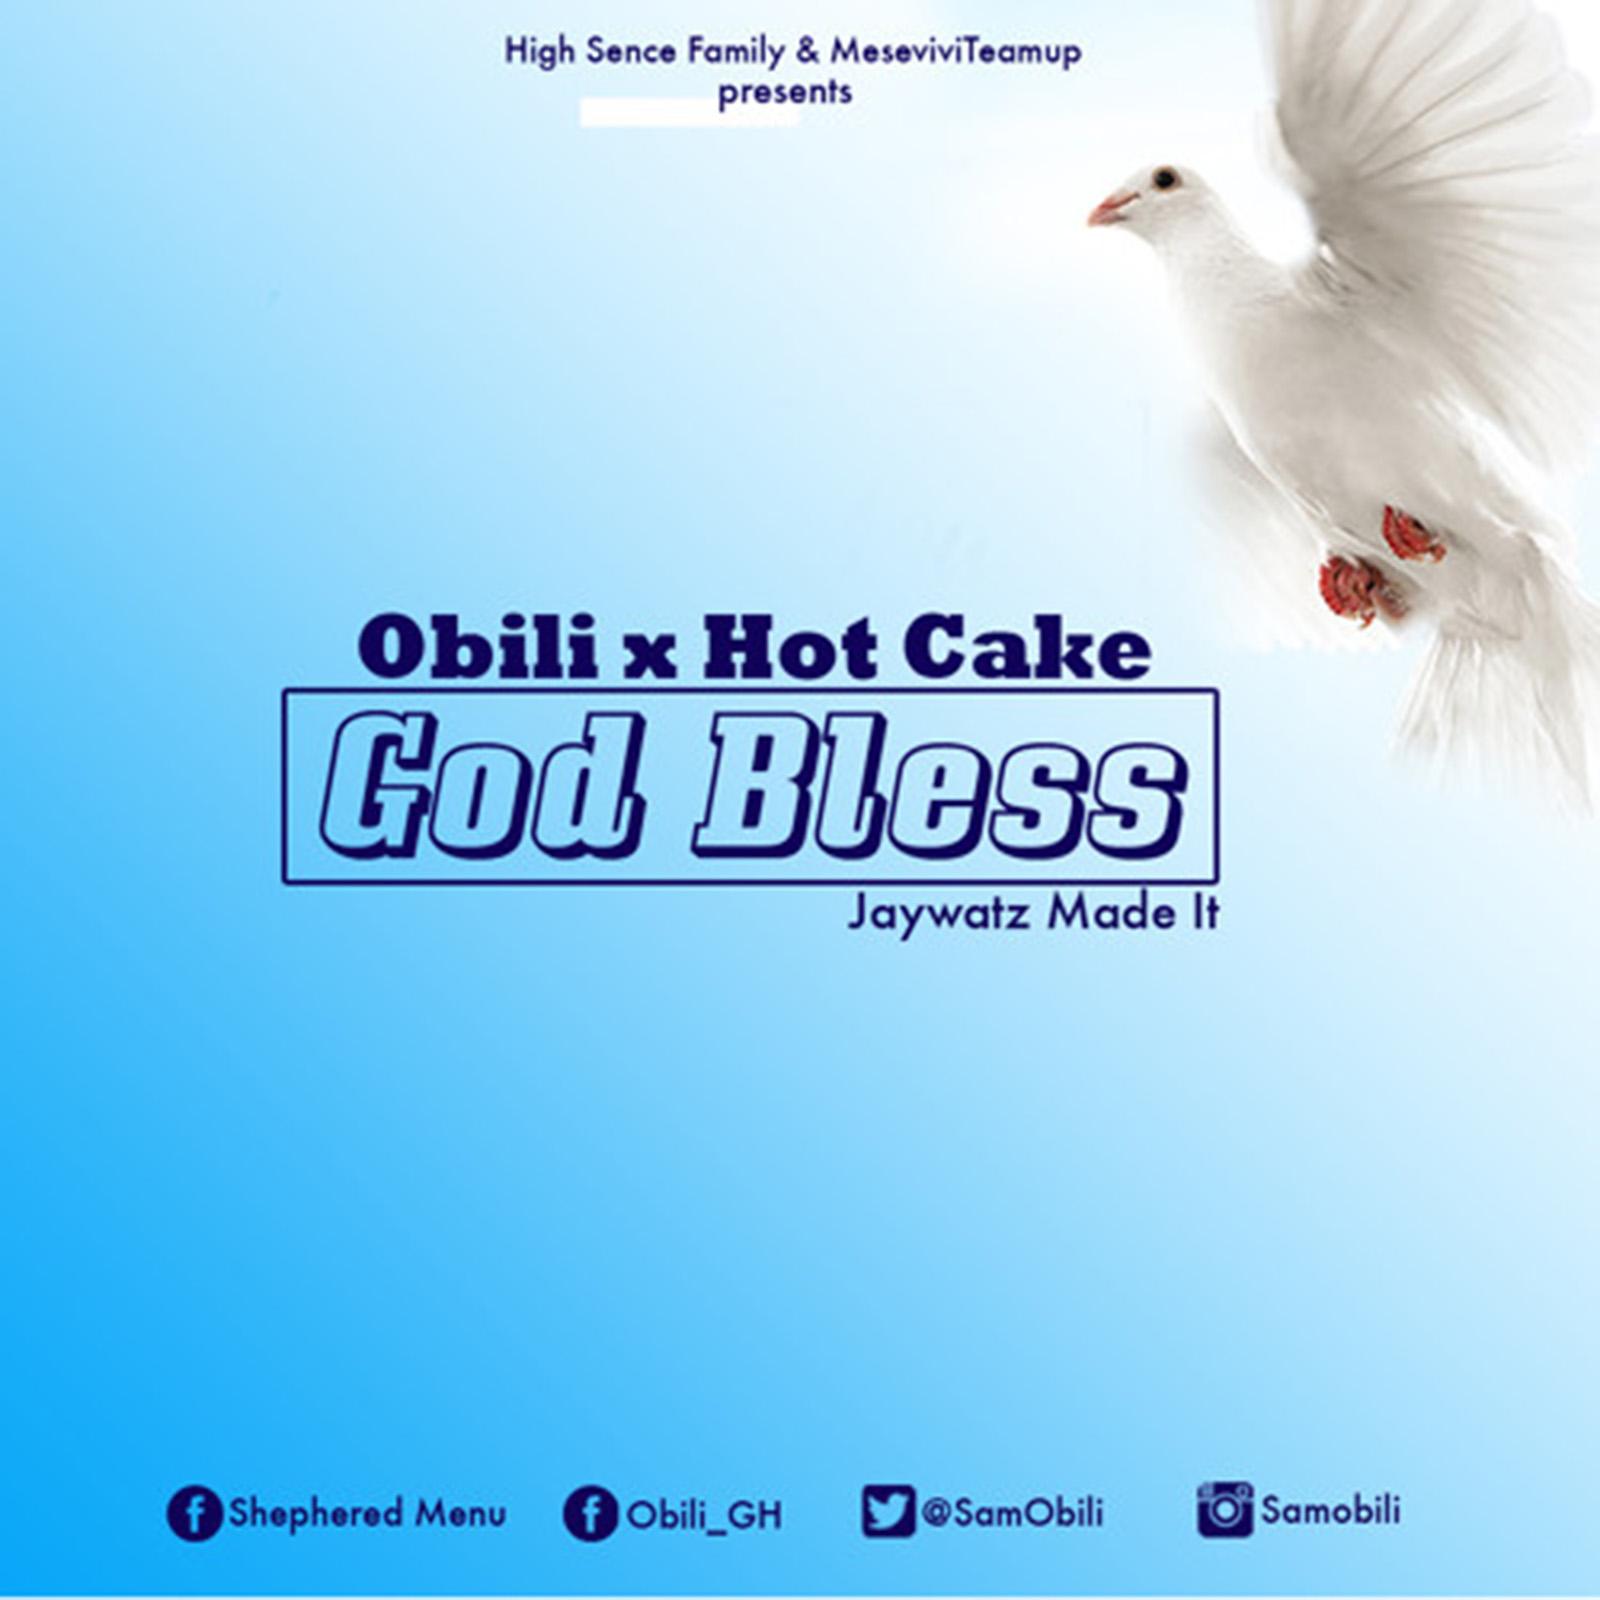 God Bless by Obili & Hot Cake